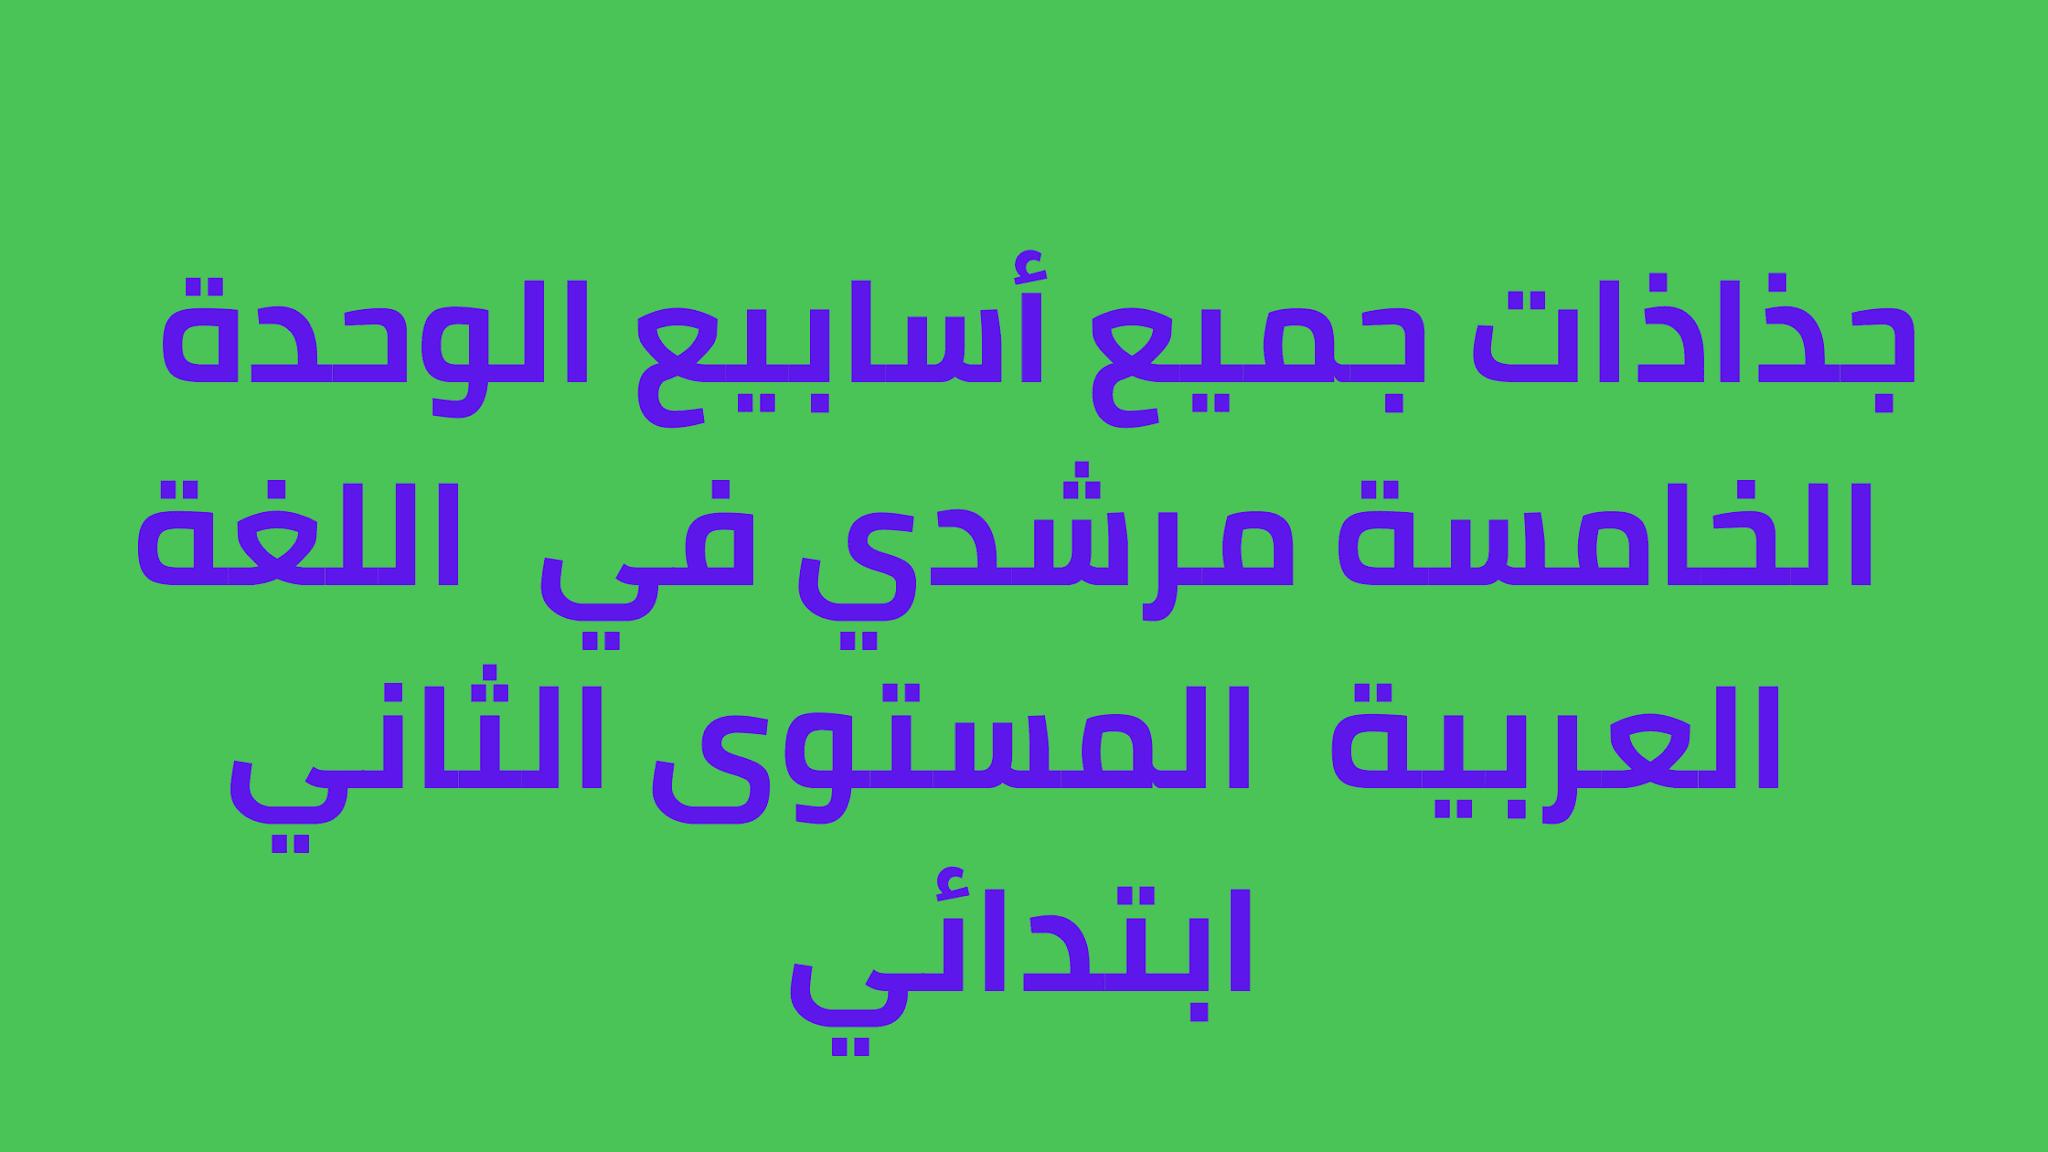 جذاذات الوحدة الخامسة مرشدي في  اللغة العربية  المستوى الثاني